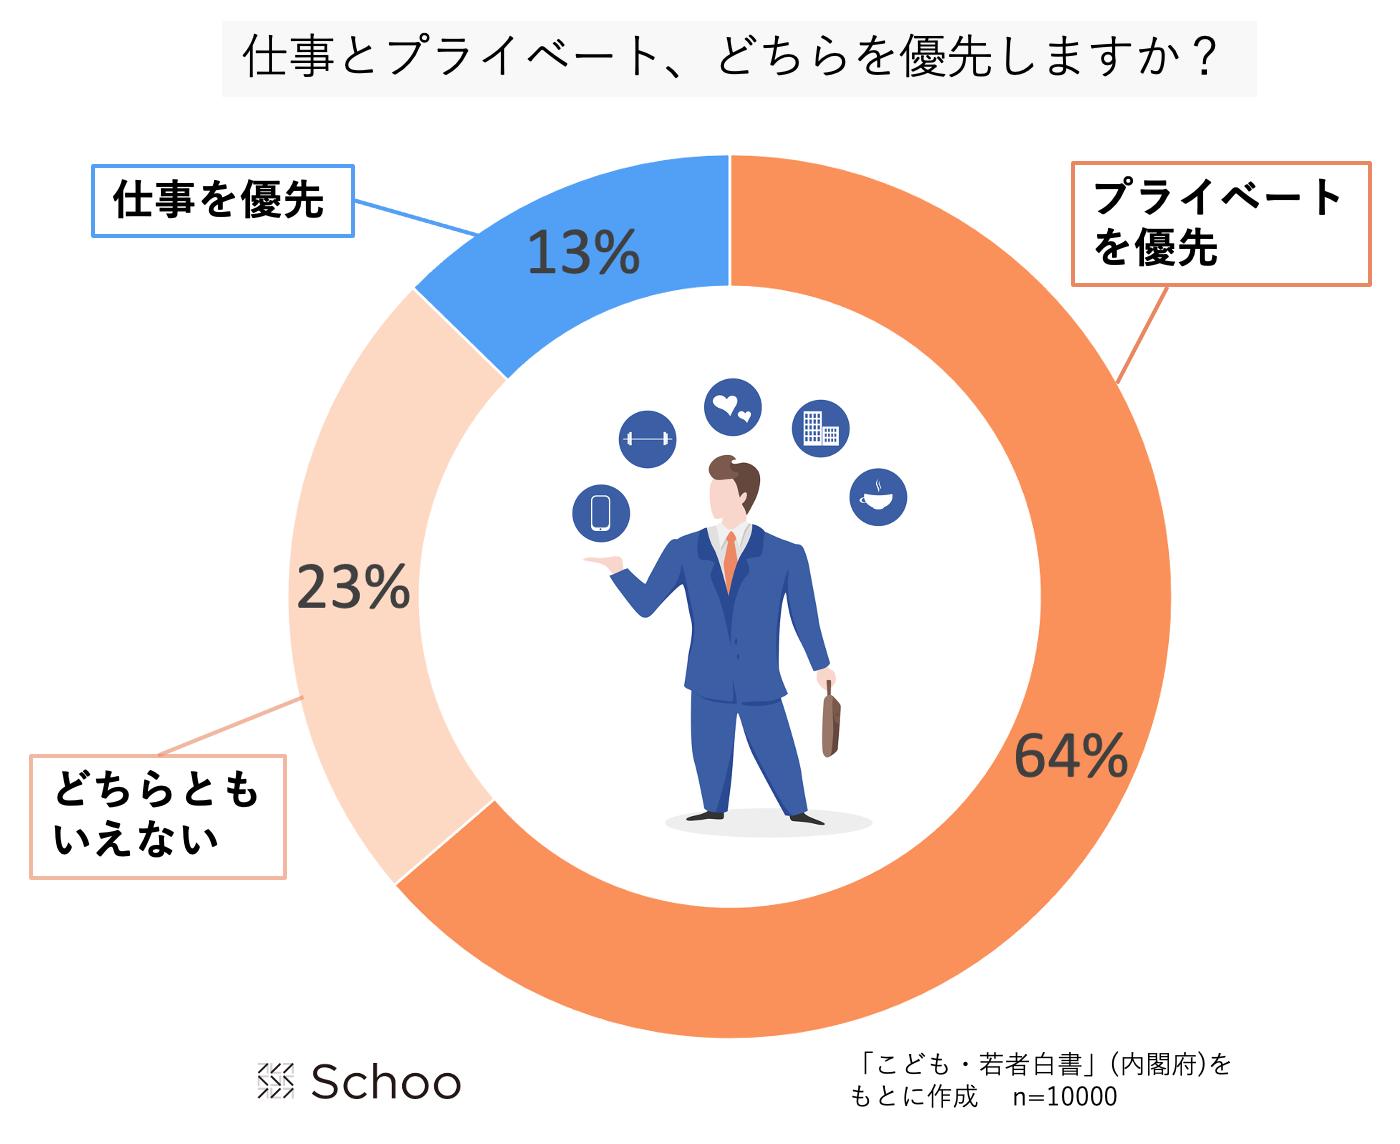 仕事とプライベートに対する若者の意識を表したグラフ